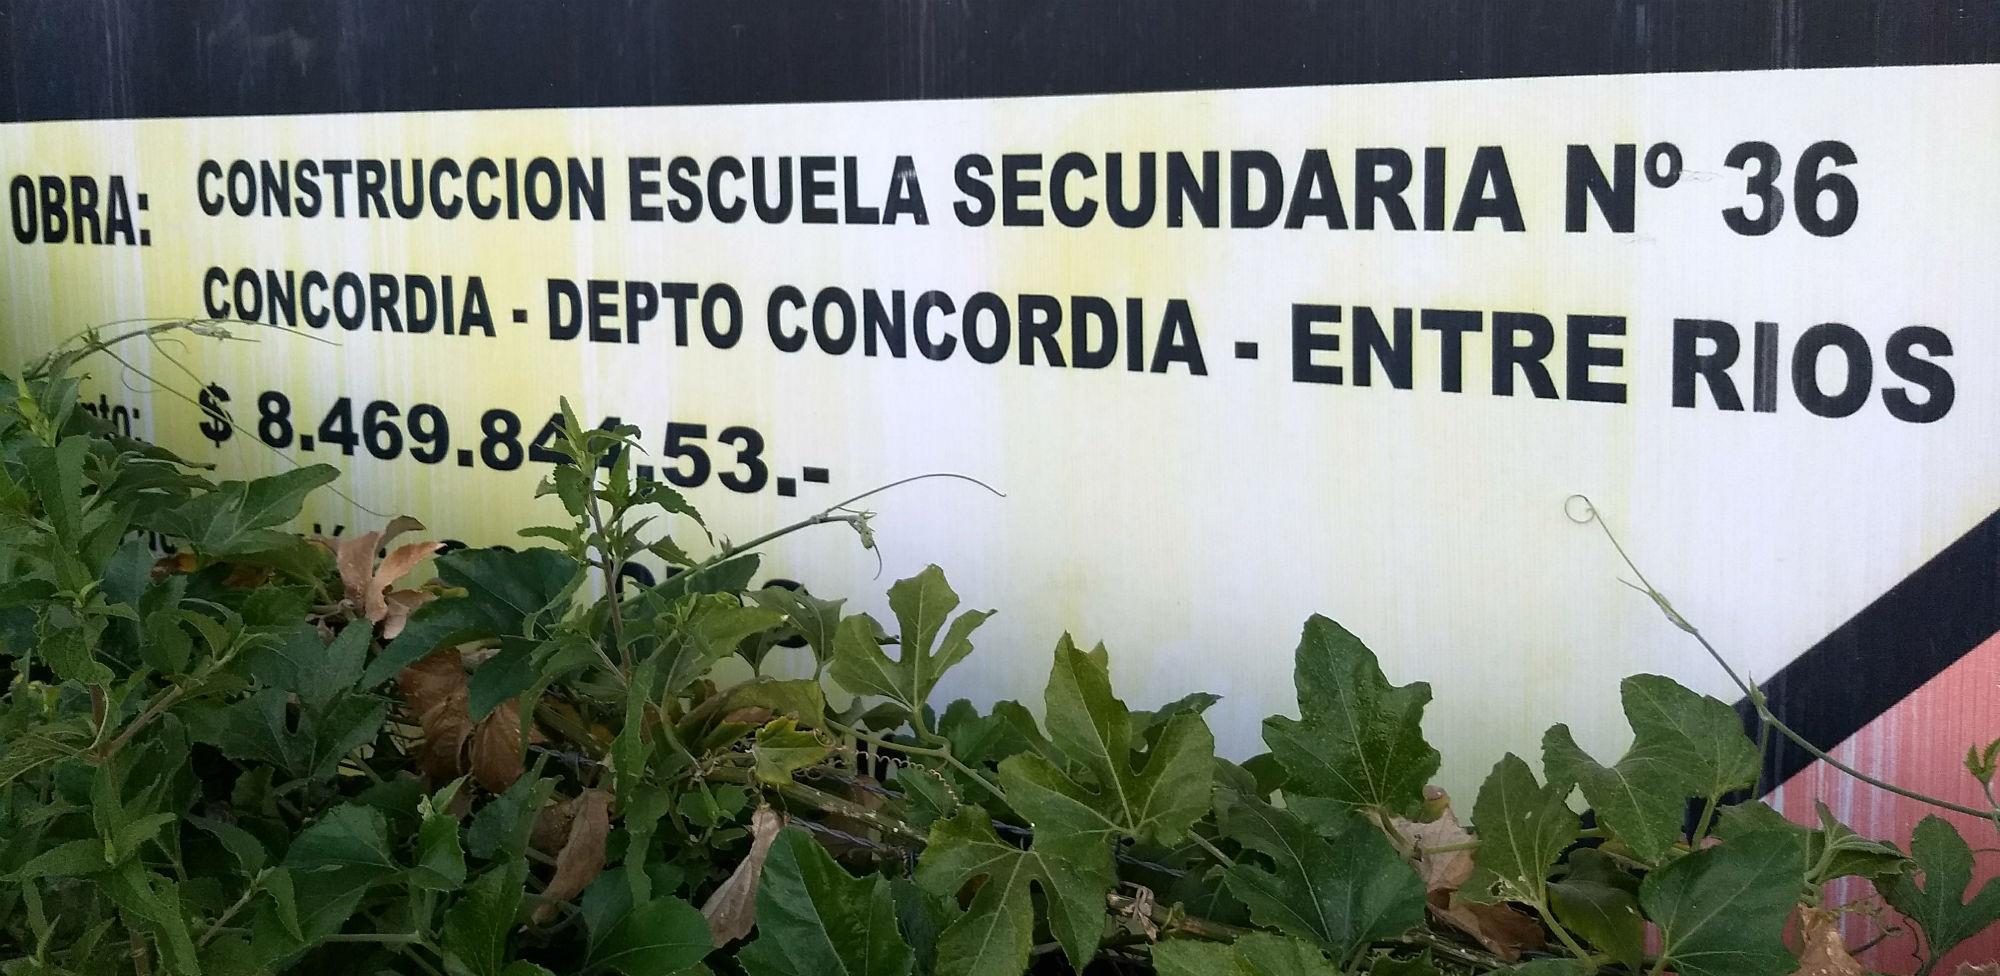 Lo que dice el cartel aún presente en el frente de la obra inconclusa (foto: El Entre Ríos).